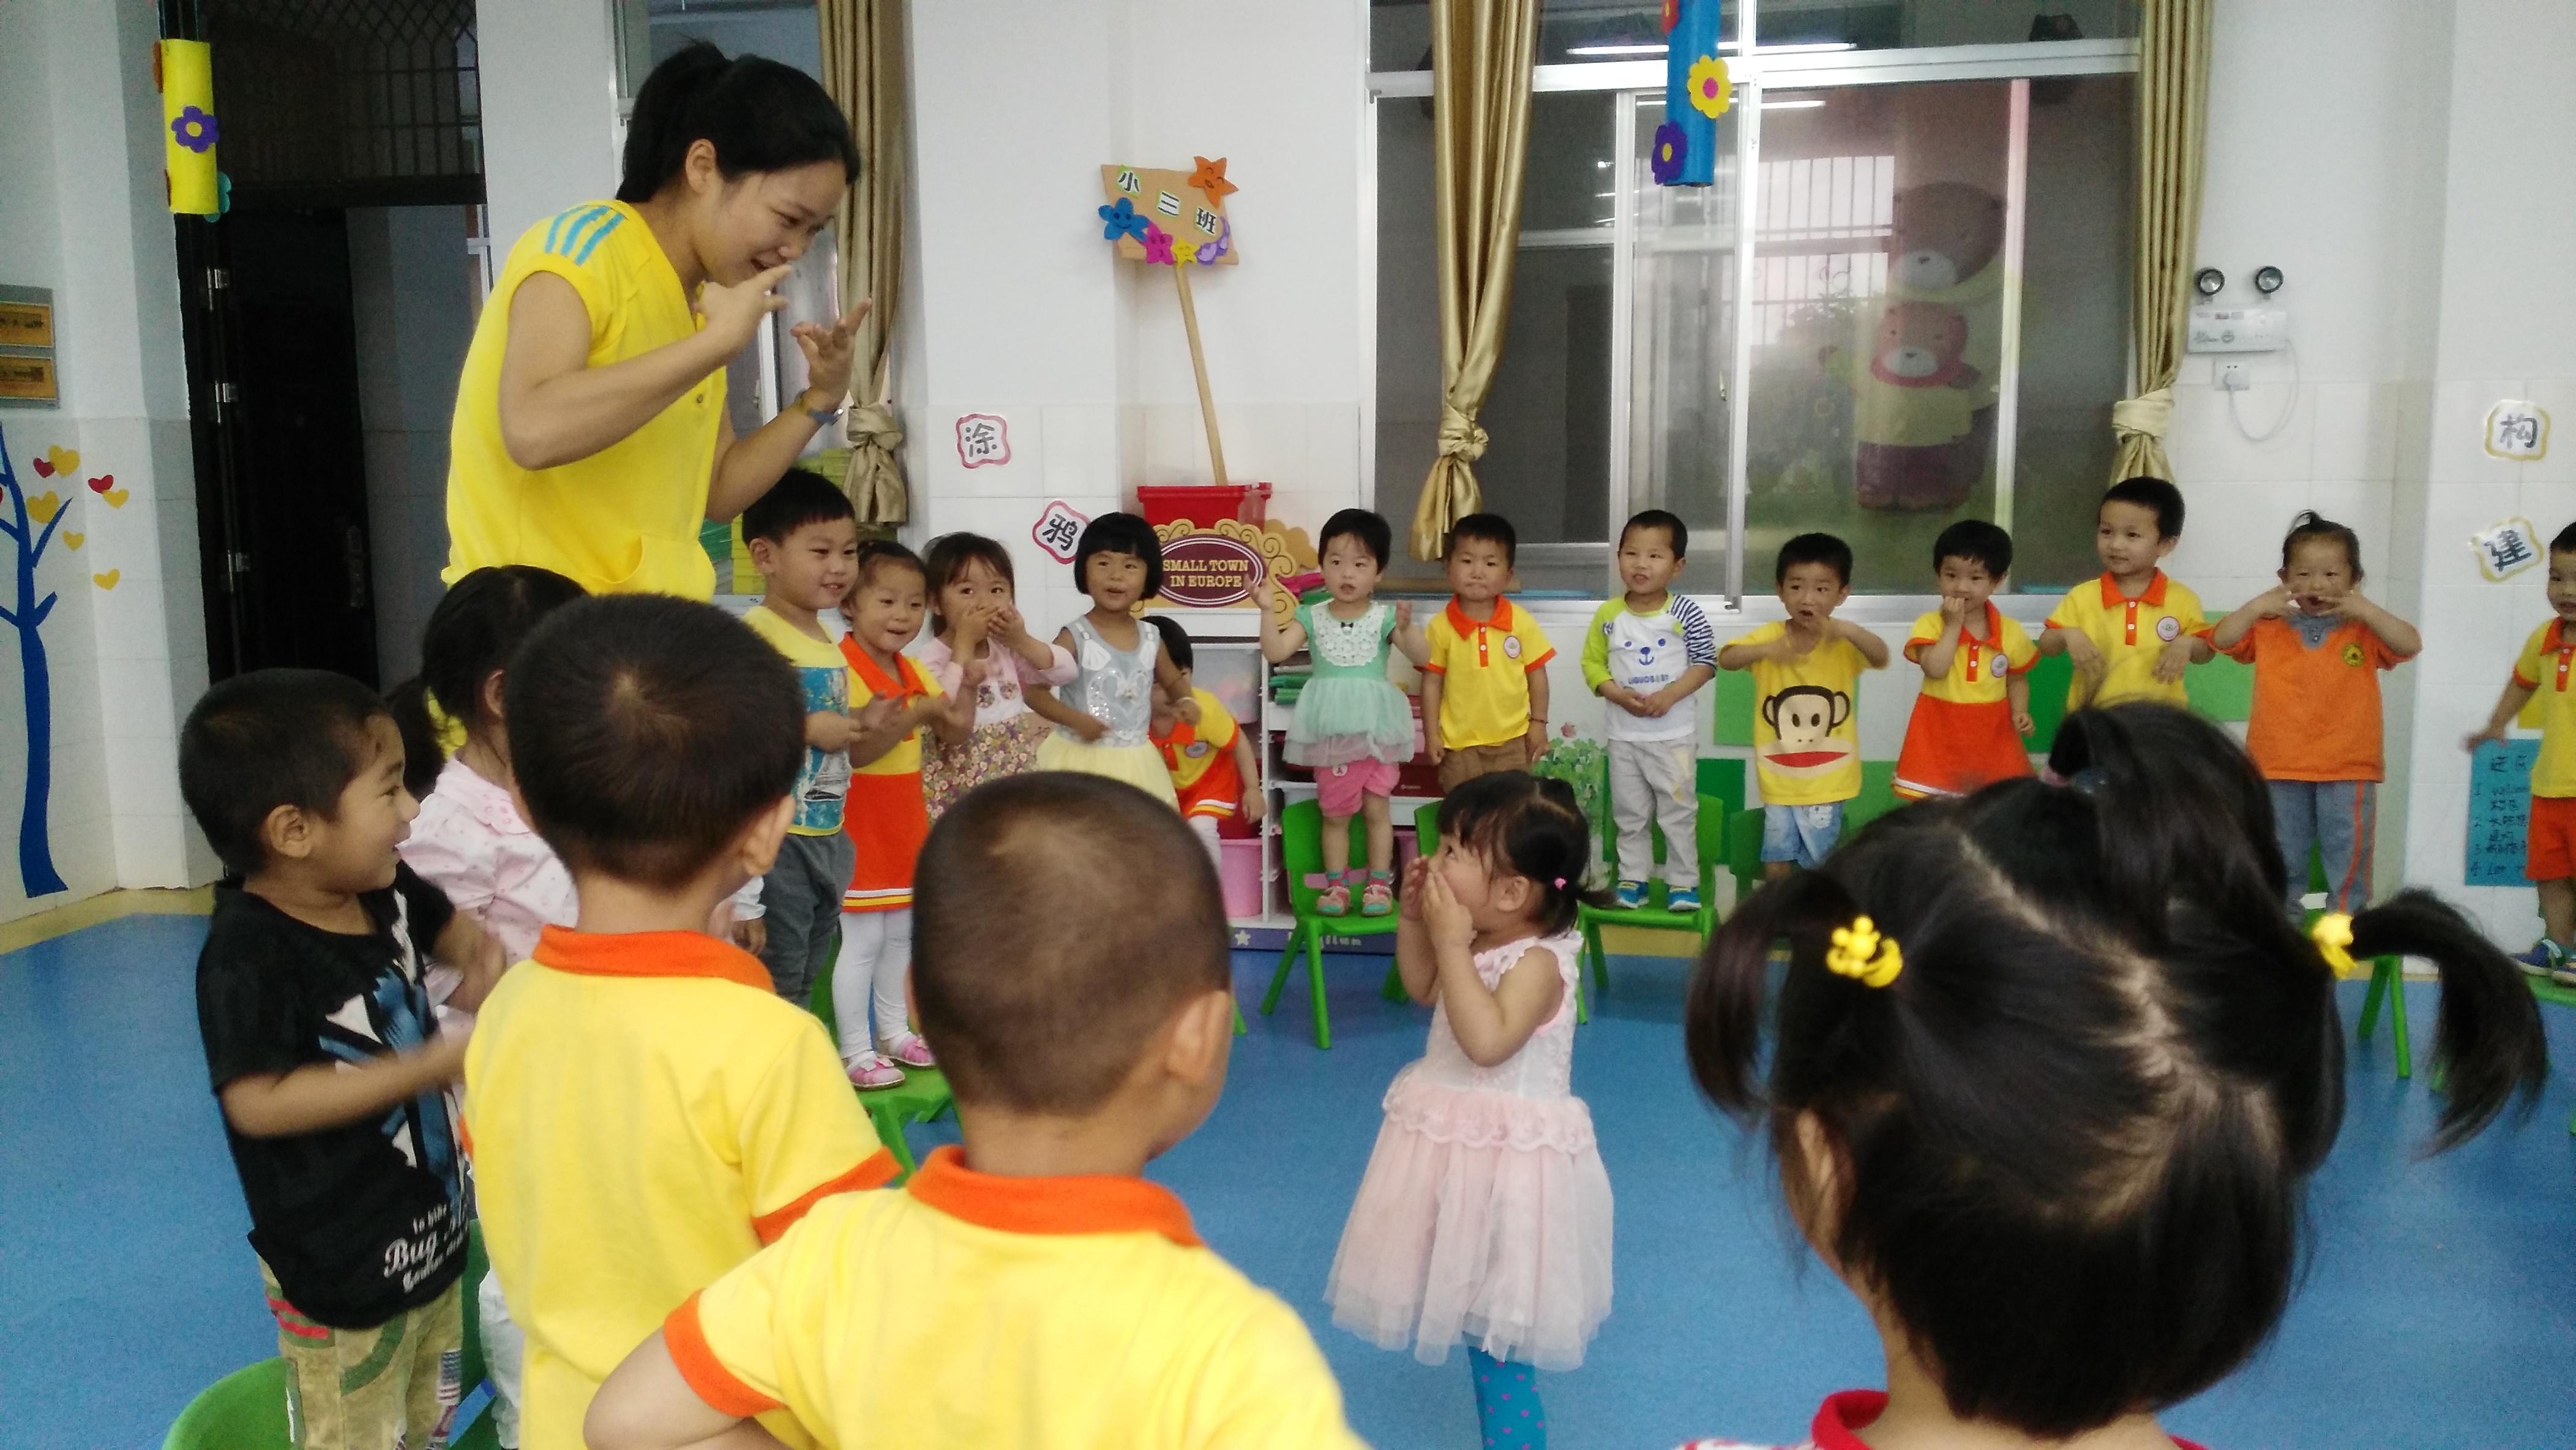 为了让幼儿积极参与听说游戏,在游戏中能遵守游戏规则,坚持注意倾听和念诵儿歌,并且能用身体动作大胆表演表演,做到发音的准确性,2015年6月2日,小三班上了一堂关于《小老鼠玩游戏》的语言活动。 看!孩子们在认真地观看手指游戏,学习游戏儿歌,他们看着老师有表情地边念儿歌边表演手指游戏,小老鼠,上灯台,偷油吃,下不来,喵喵喵,猫来了,叽里咕噜滚下来。孩子们扮演者小老鼠一边念儿歌一边站上自己的椅子,当念到喵喵喵,猫来了时,小猫出来捉老鼠,小老鼠要赶快跳下椅子,否则就算被猫捉住了。 教师还通过请个别幼儿当猫,